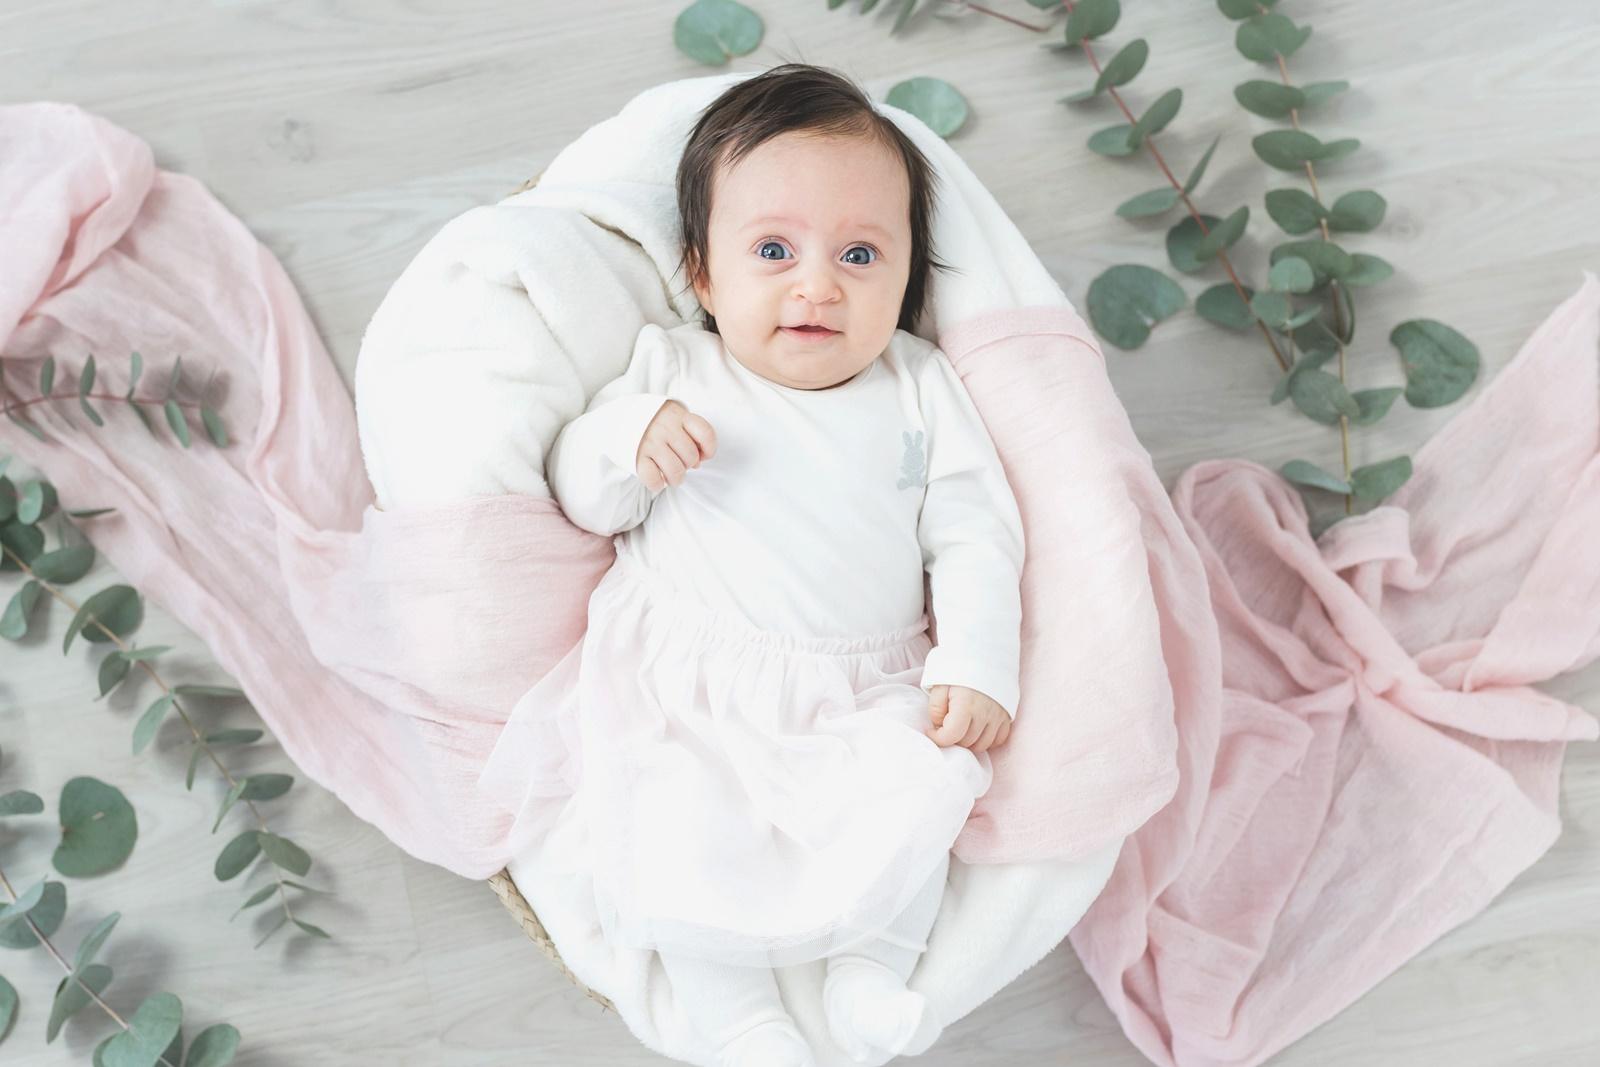 Ellie 2 mån hos Fröken Foto Studio i Skene fotograf Malin Richardsson 2019 Baby Barn Kinna Göteborg Borås varberg Kungsbacka   (9).jpg